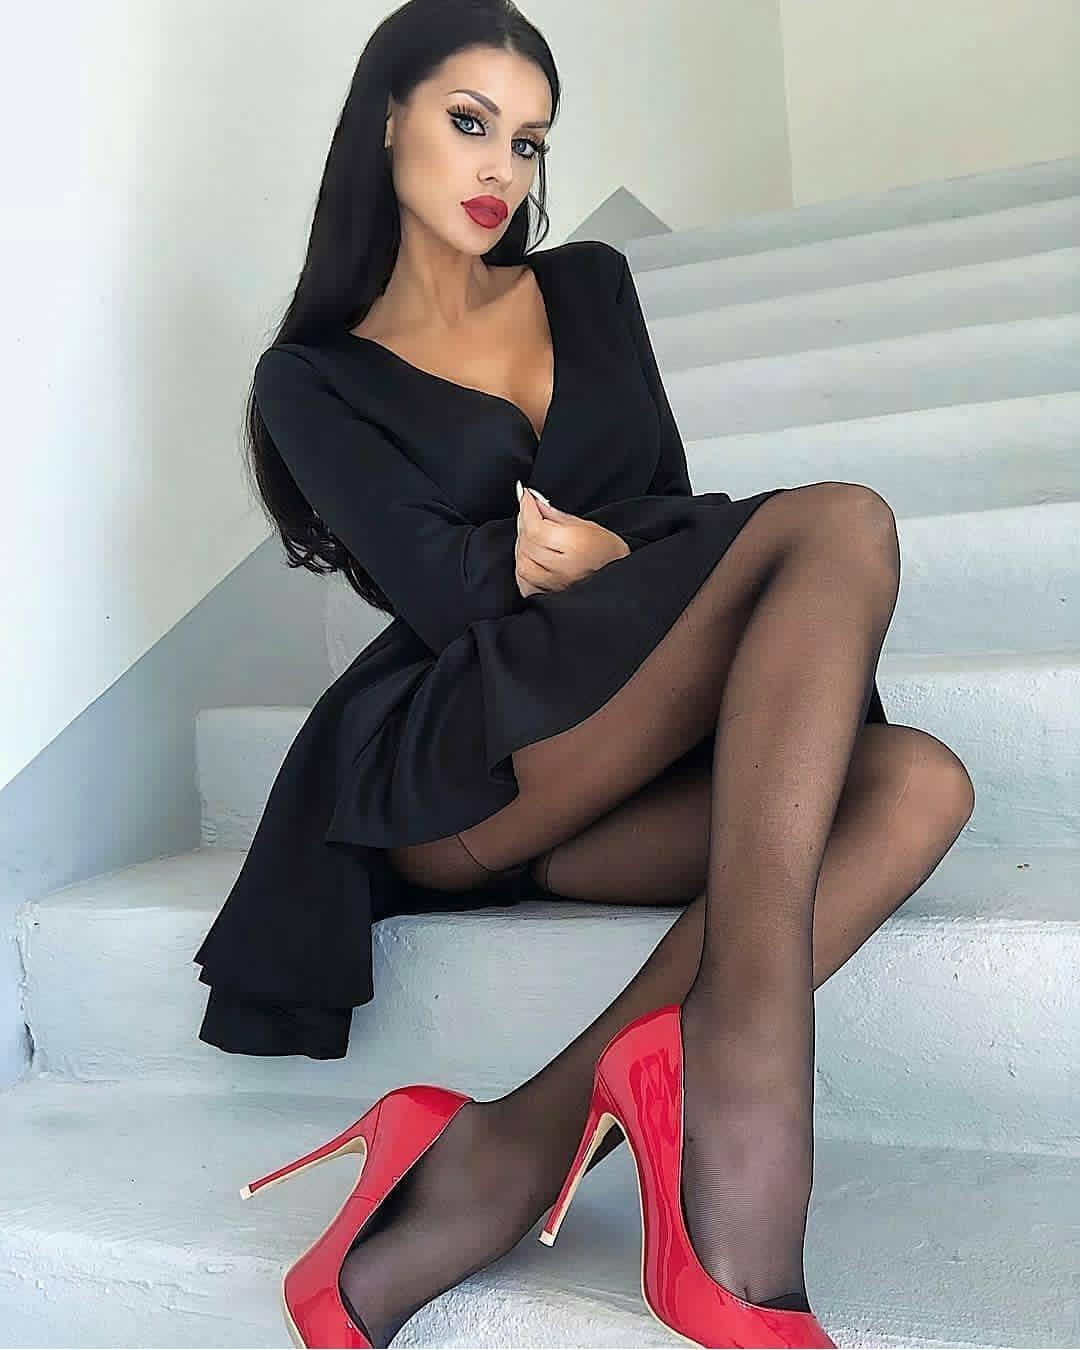 Шикарные девушки в черных колготках: им тепло, нам - приятно ;) 12